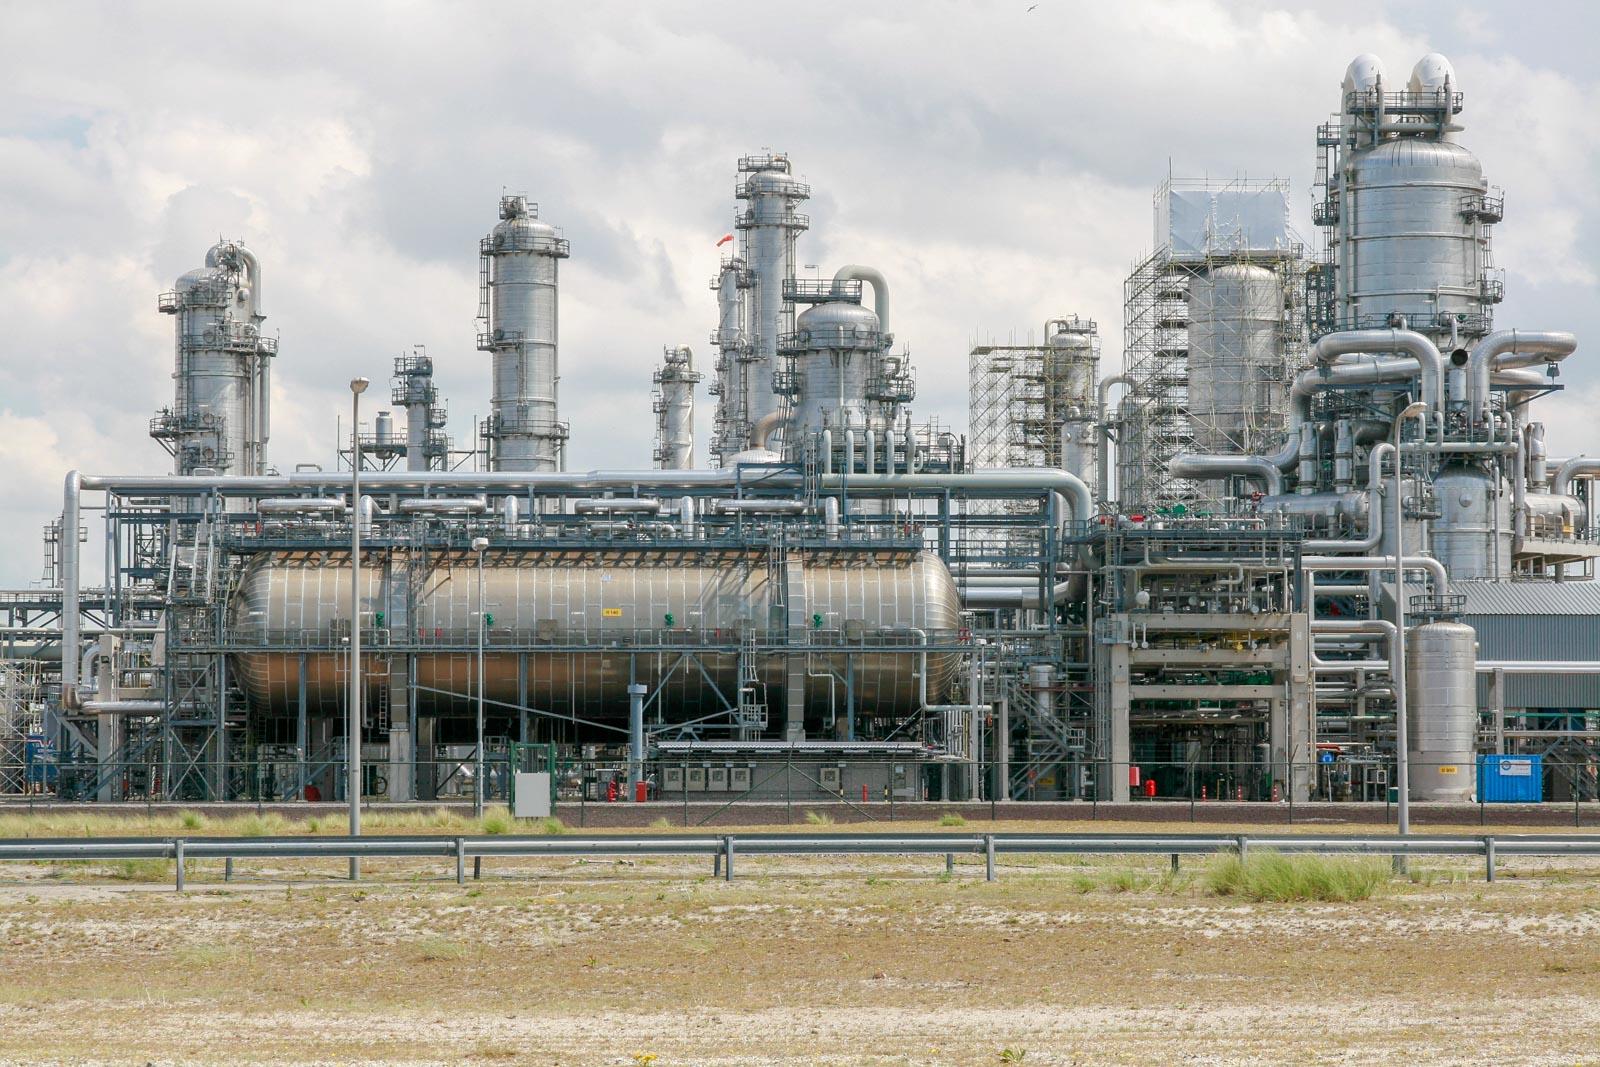 Industrie op de Maasvlakte in Rotterdam